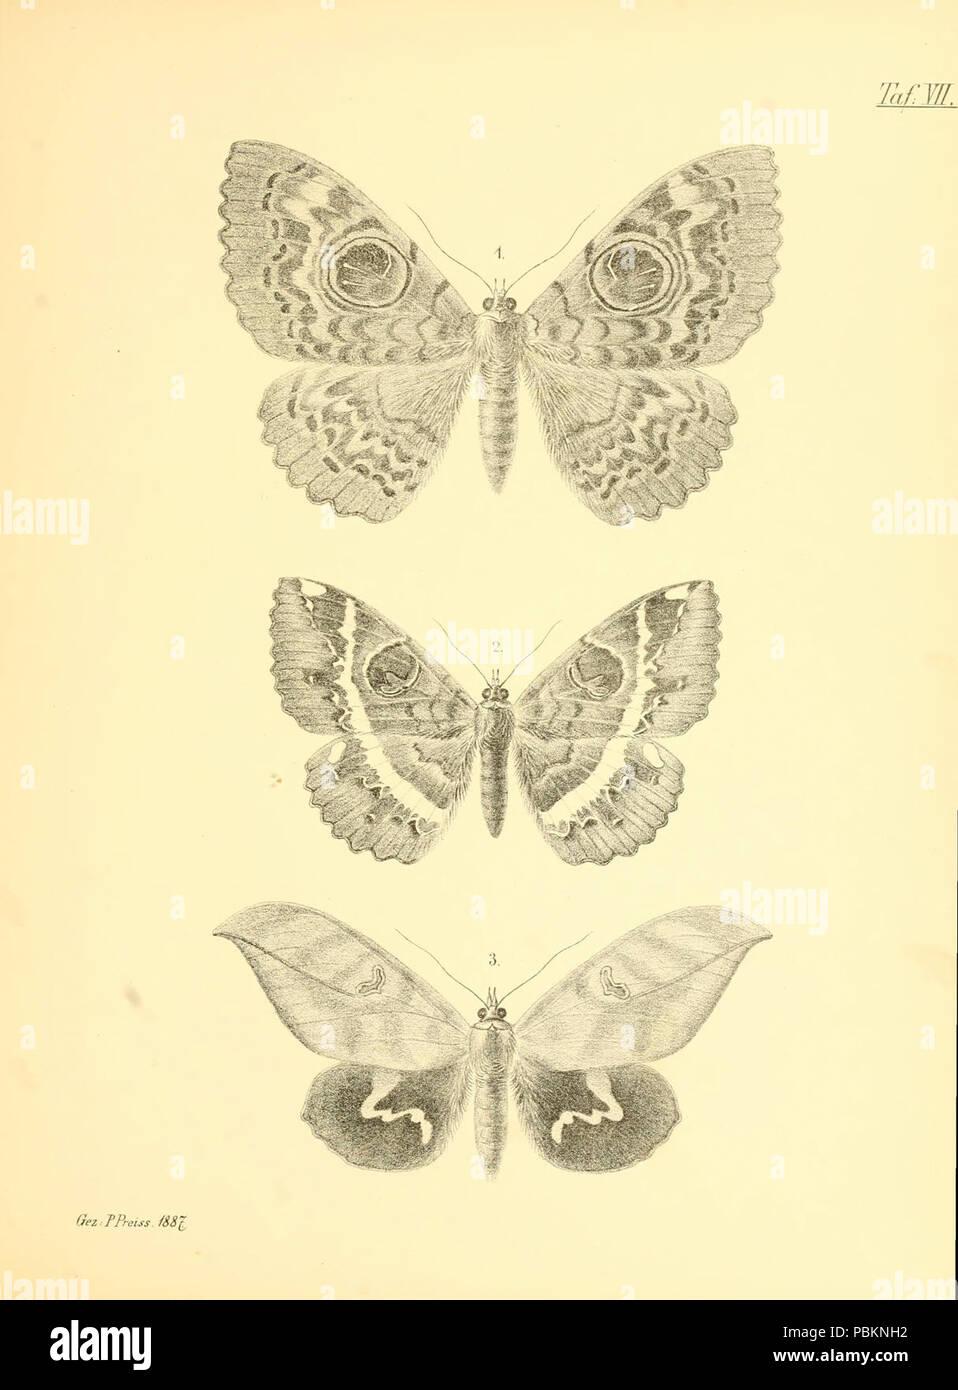 Abbildungen hervorragender Nachtschmetterlinge aus dem indo-australischen und südamerikanischen Faunengebiet (Taf. VII) - Stock Image